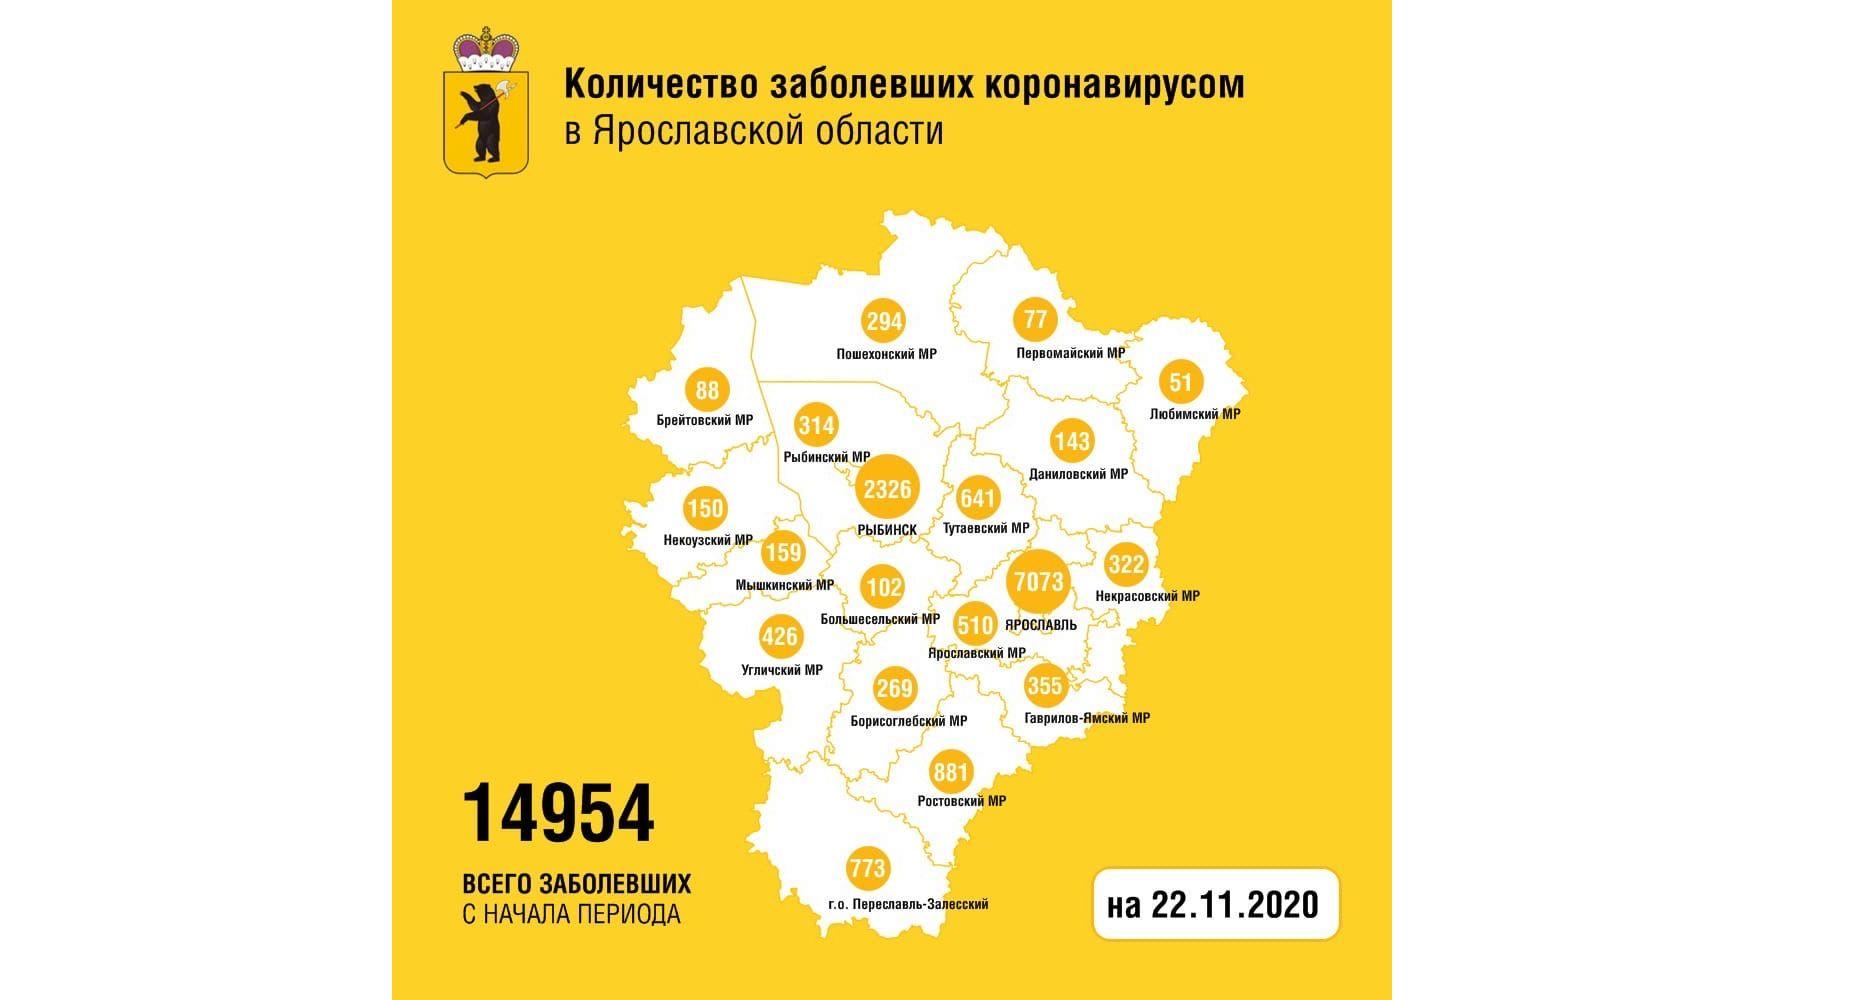 От коронавируса вылечили еще 23 жителя Ярославской области, трое скончались